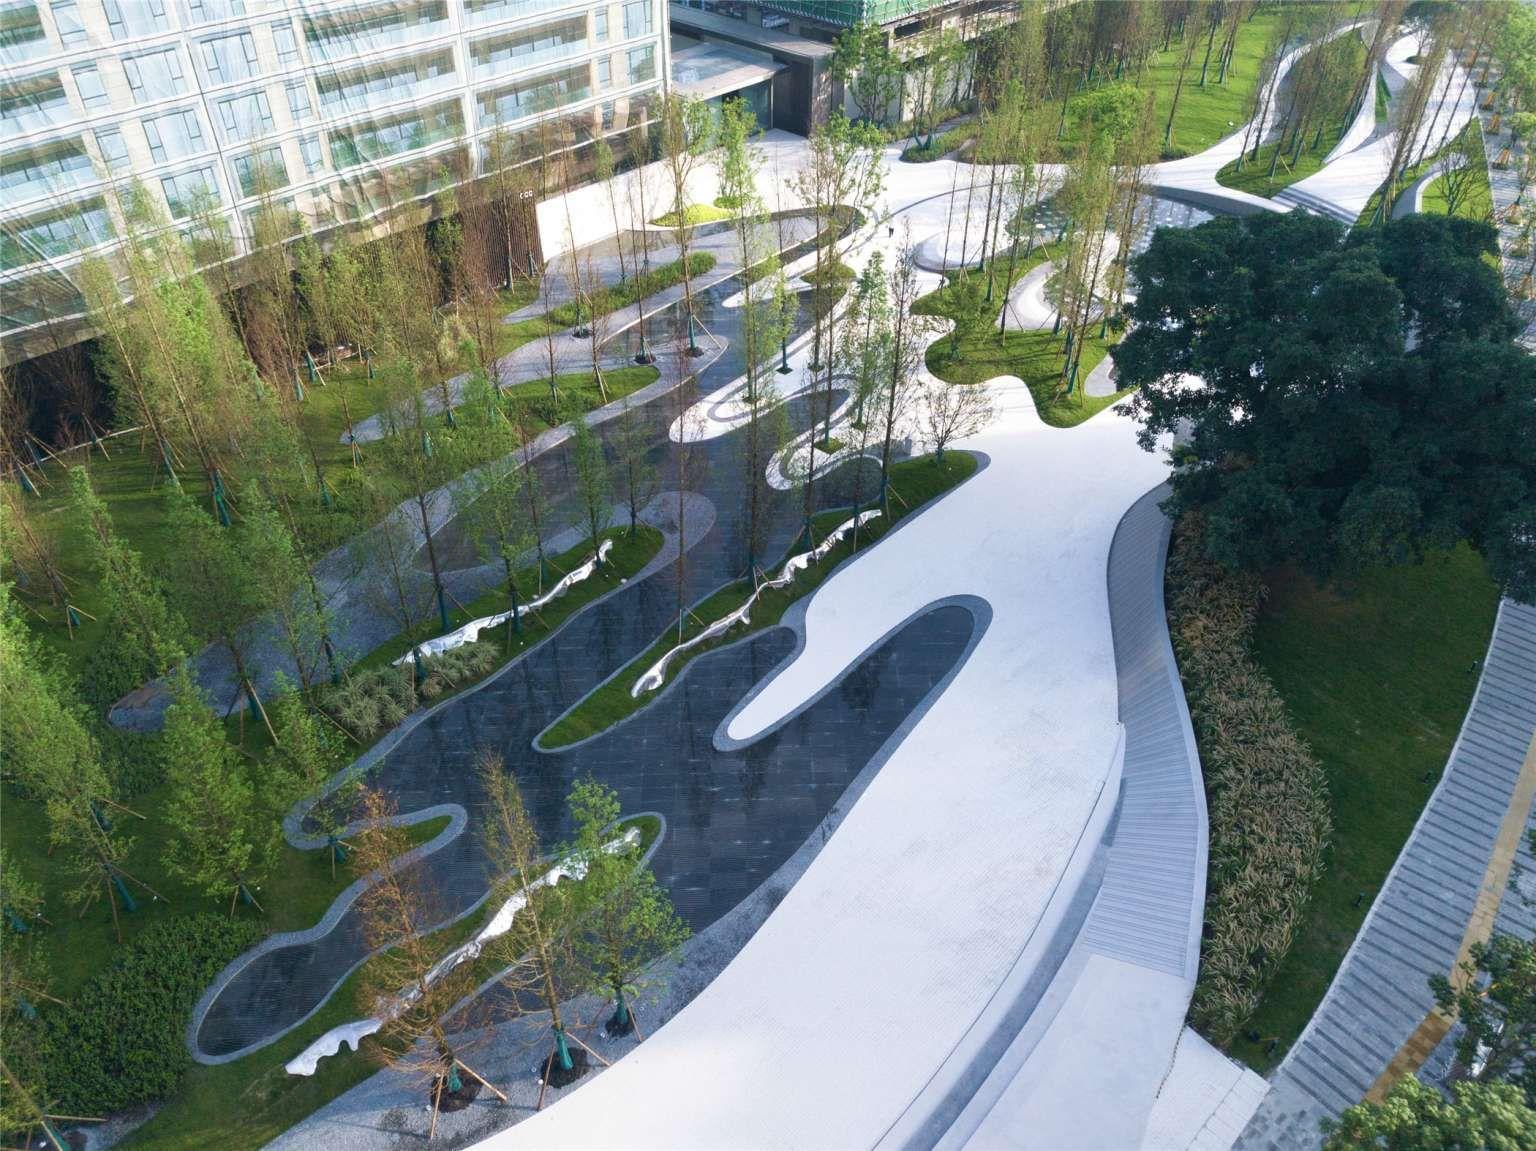 Pin By U On Landscape Landscape Plaza Urban Landscape Design Landscape Design